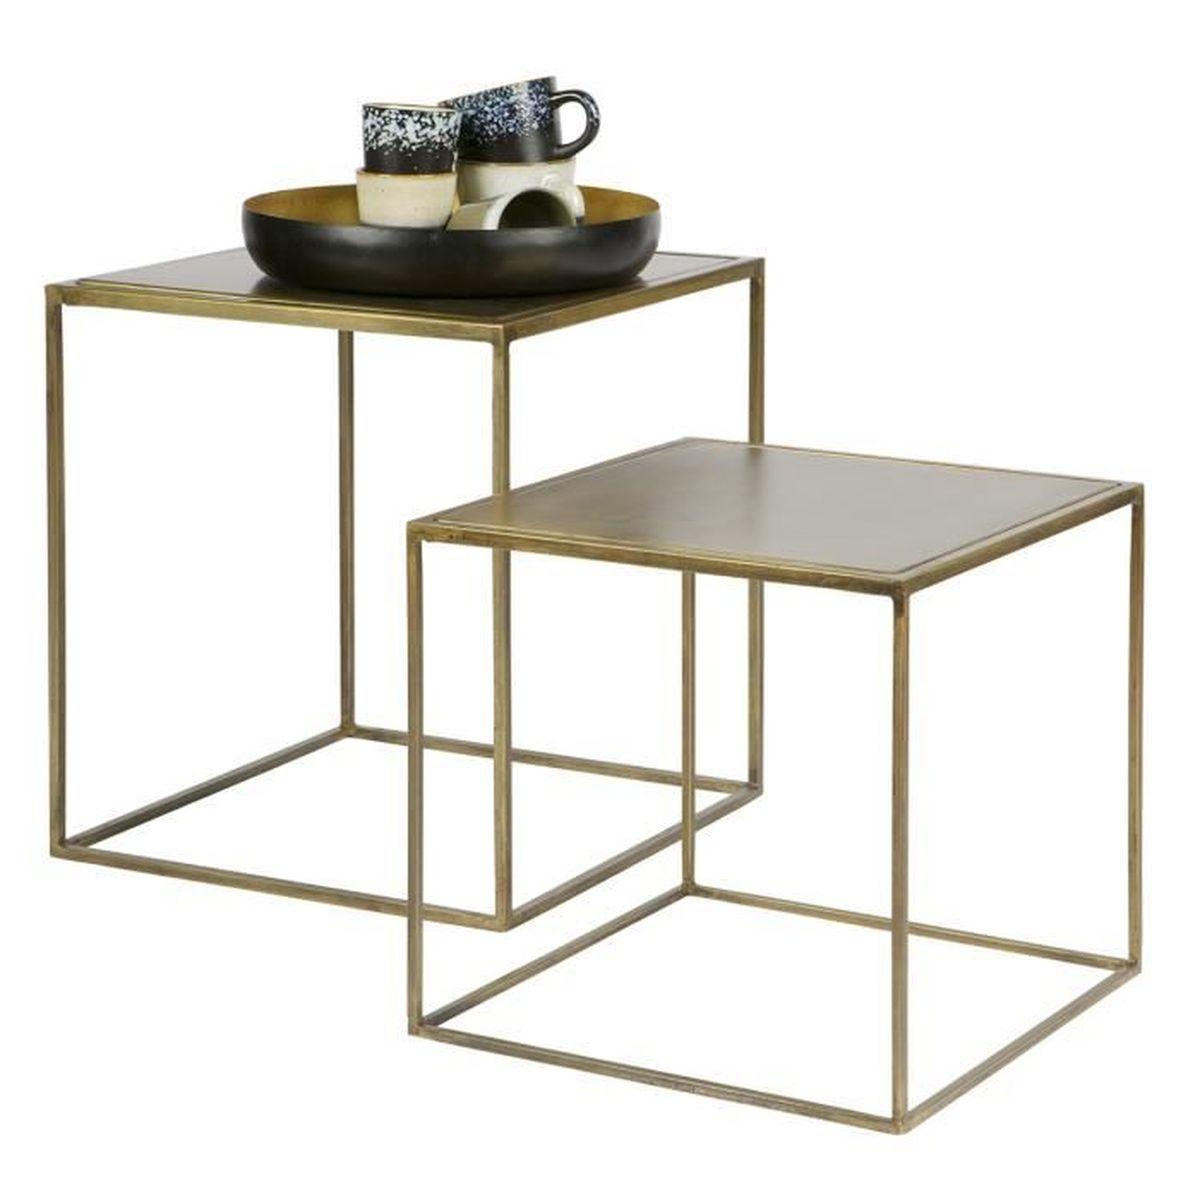 1214859799cc41 Lot de 2 tables gigogne en métal finition laiton - Achat   Vente ...